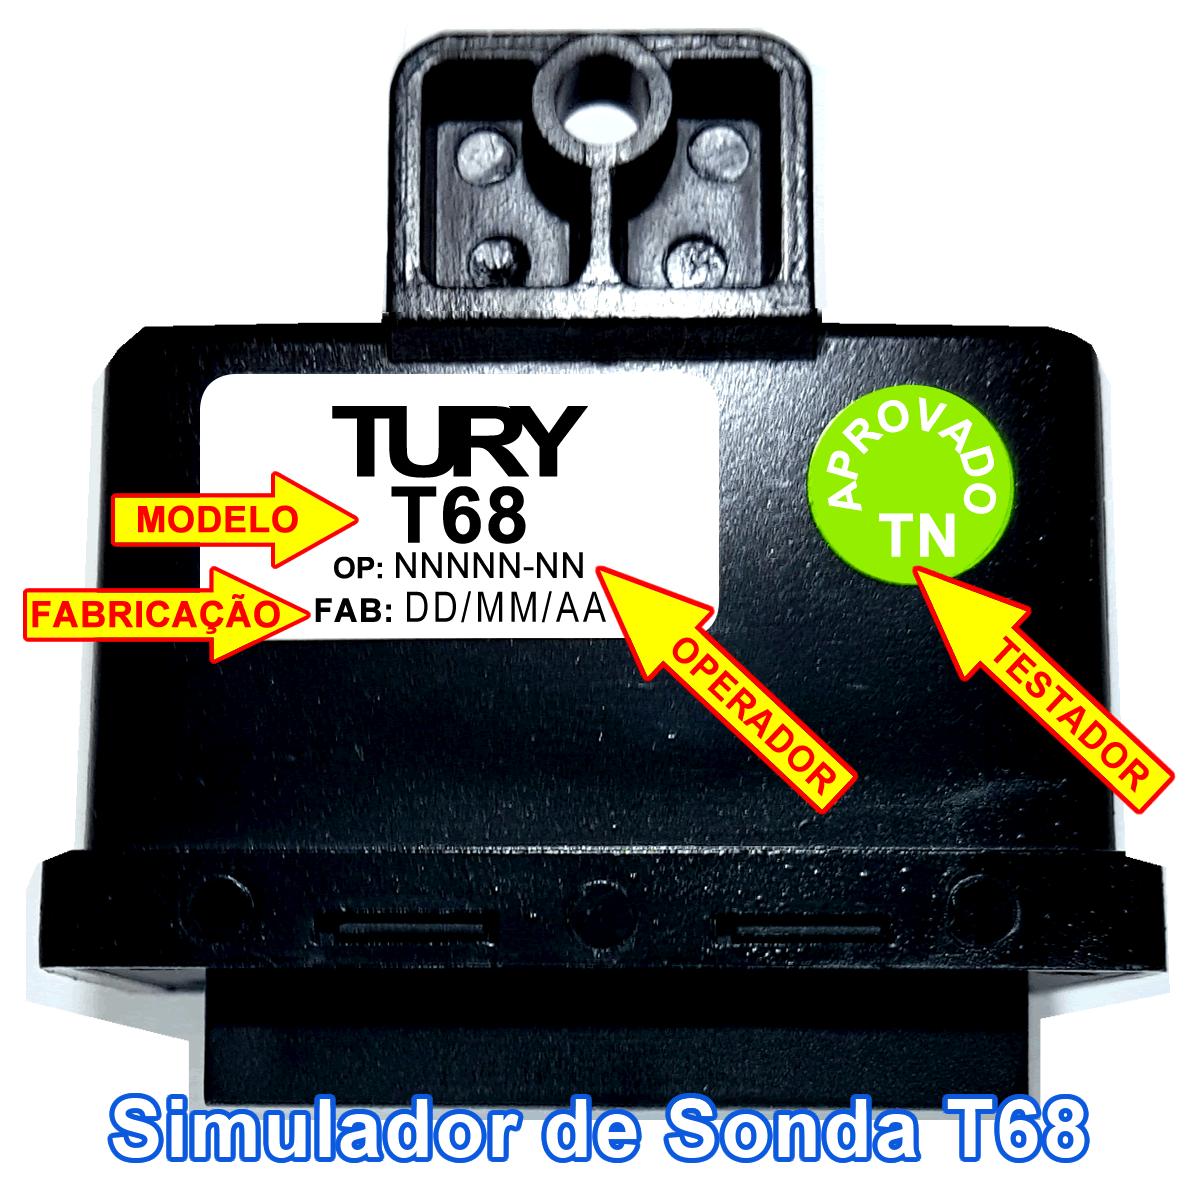 Variador de Avanço Simulador de Sonda Flex T68 e Emulador de Bicos T54A